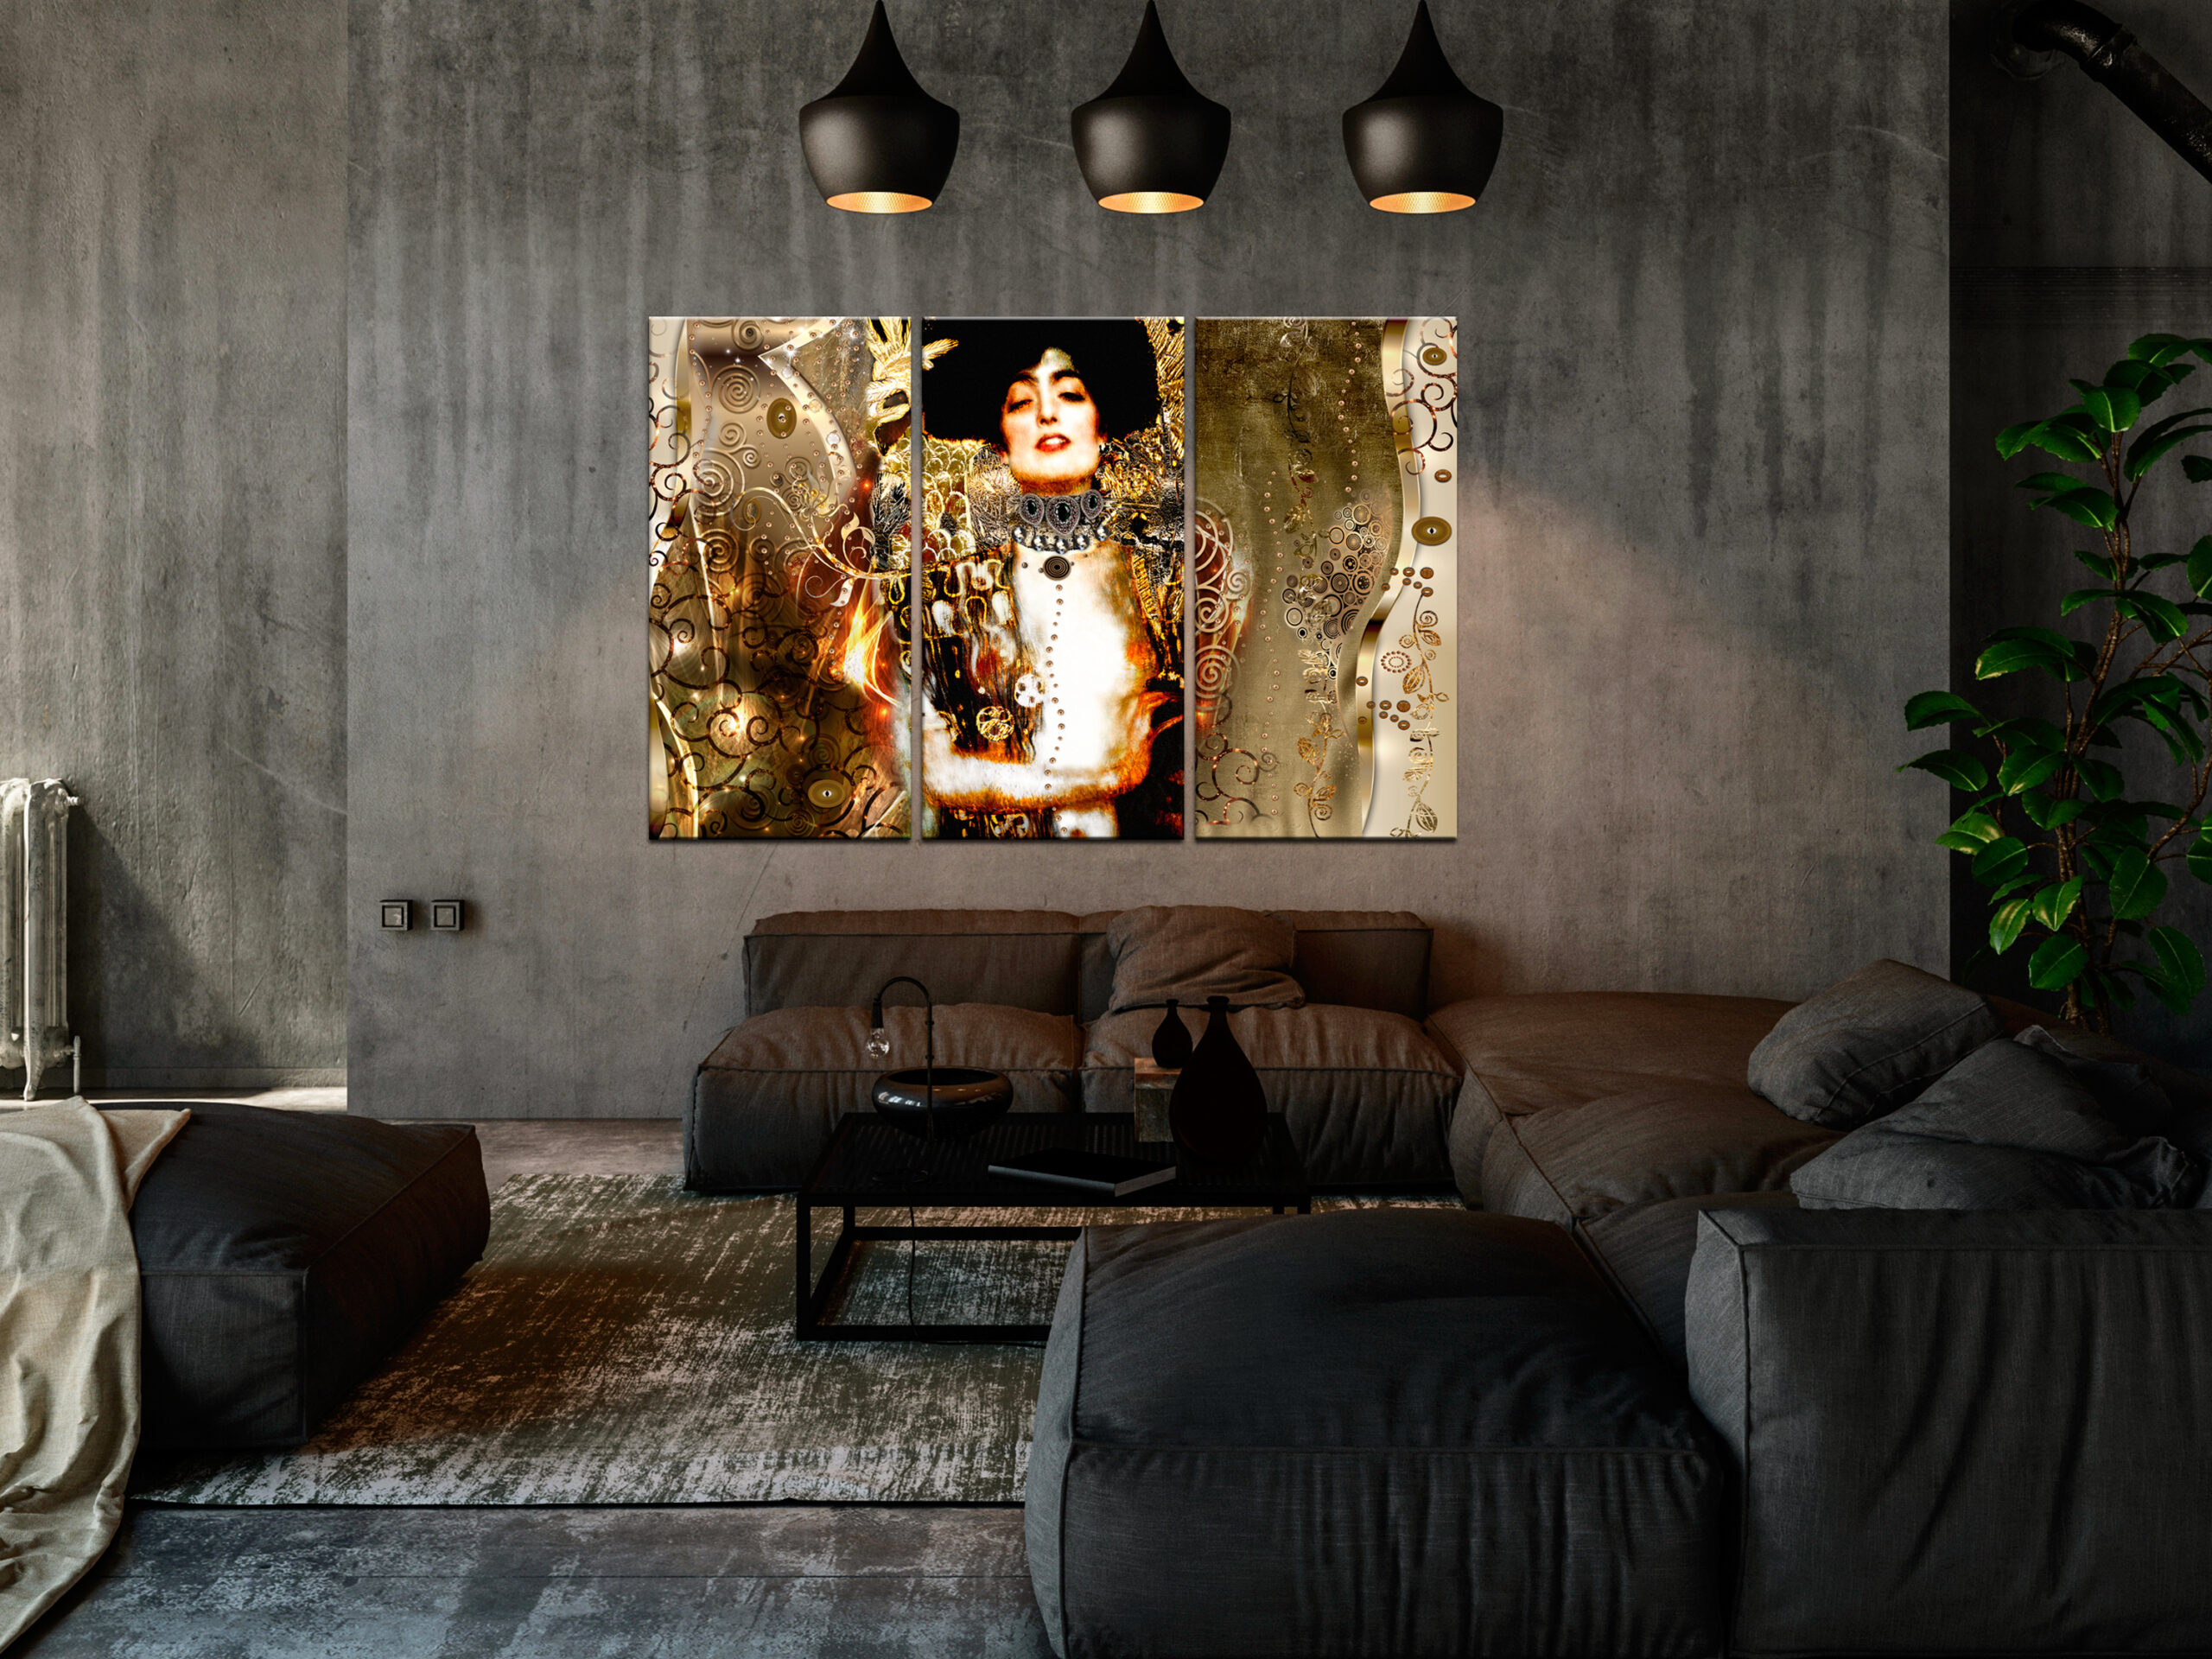 Full Size of Wandbilder Wohnzimmer Modern Xxl Bilder Auf Leinwand Caseconradcom Liege Deckenleuchten Dekoration Xxxl Sofa Landhausstil Rollo Moderne Deckenleuchte Tapeten Wohnzimmer Wandbilder Wohnzimmer Modern Xxl